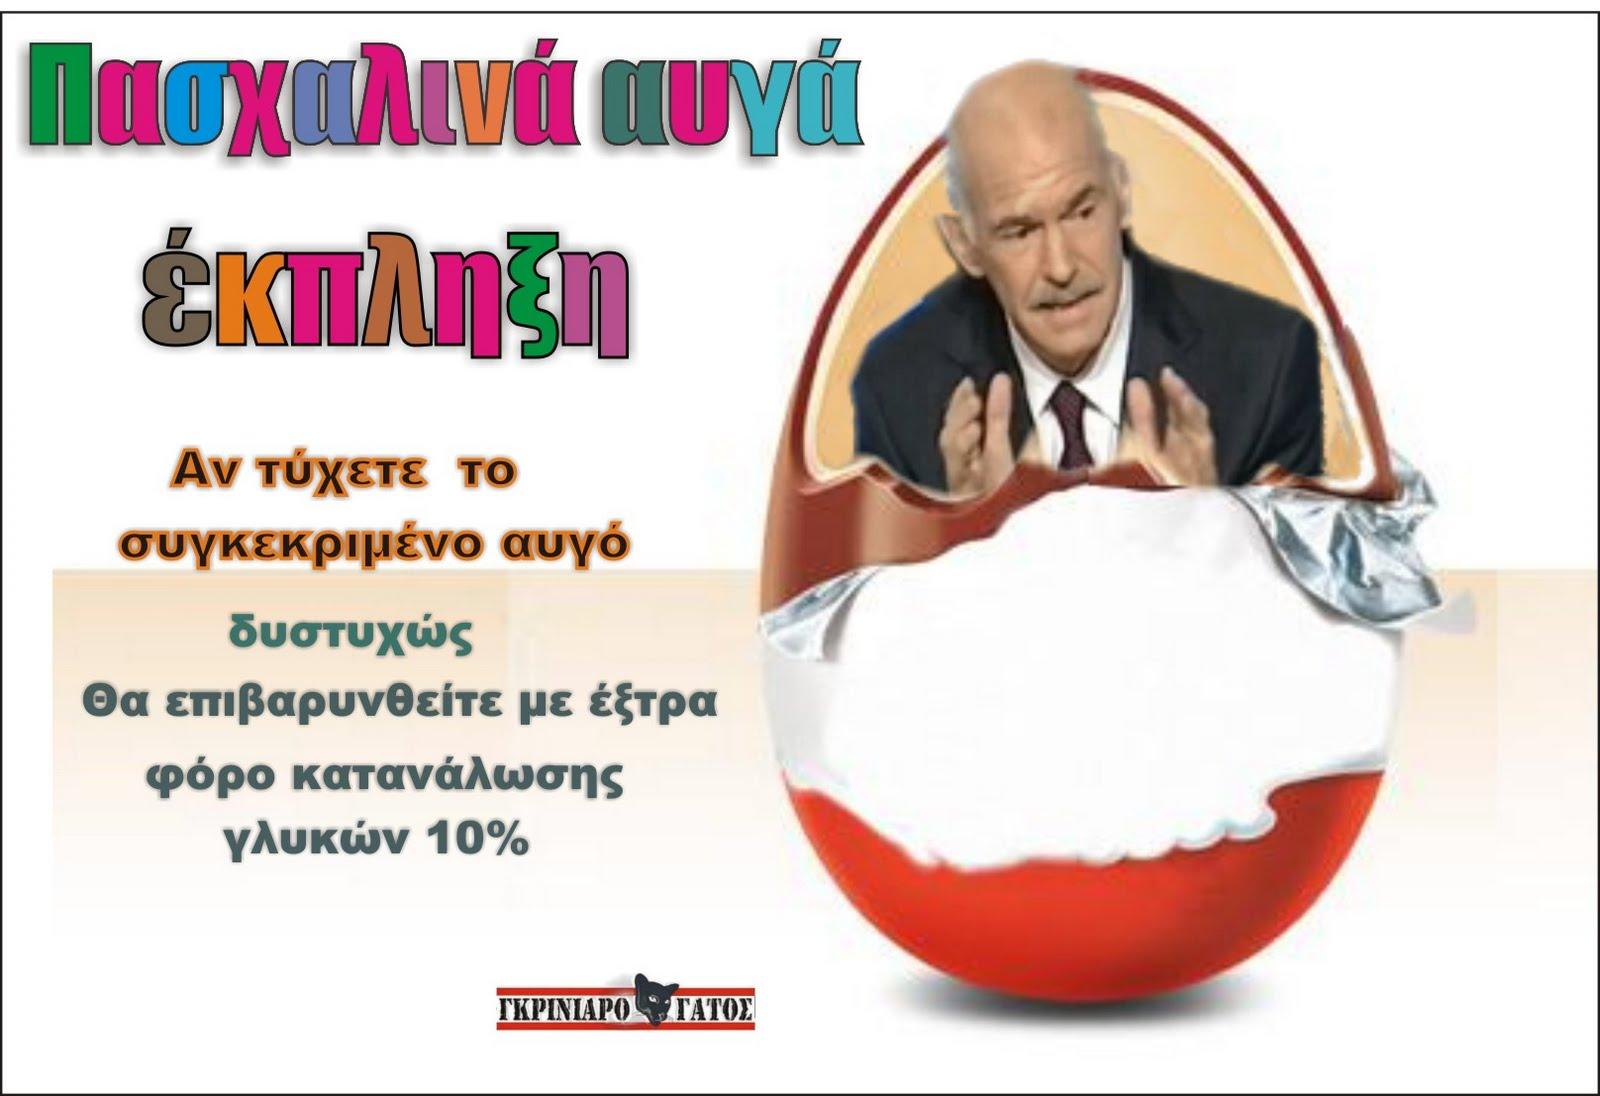 http://3.bp.blogspot.com/_l8shCq5yeSg/S7JSirM0xPI/AAAAAAAAA5w/SUIwQANBOeo/s1600/%CE%A0%CE%B1%CF%83%CF%87%CE%B1%CE%BB%CE%B9%CE%BD%CE%AC+%CE%B1%CF%85%CE%B3%CE%AC+%CE%AD%CE%BA%CF%80%CE%BB%CE%B7%CE%BE%CE%B7+%CE%B3%CE%B1%CF%80.jpg